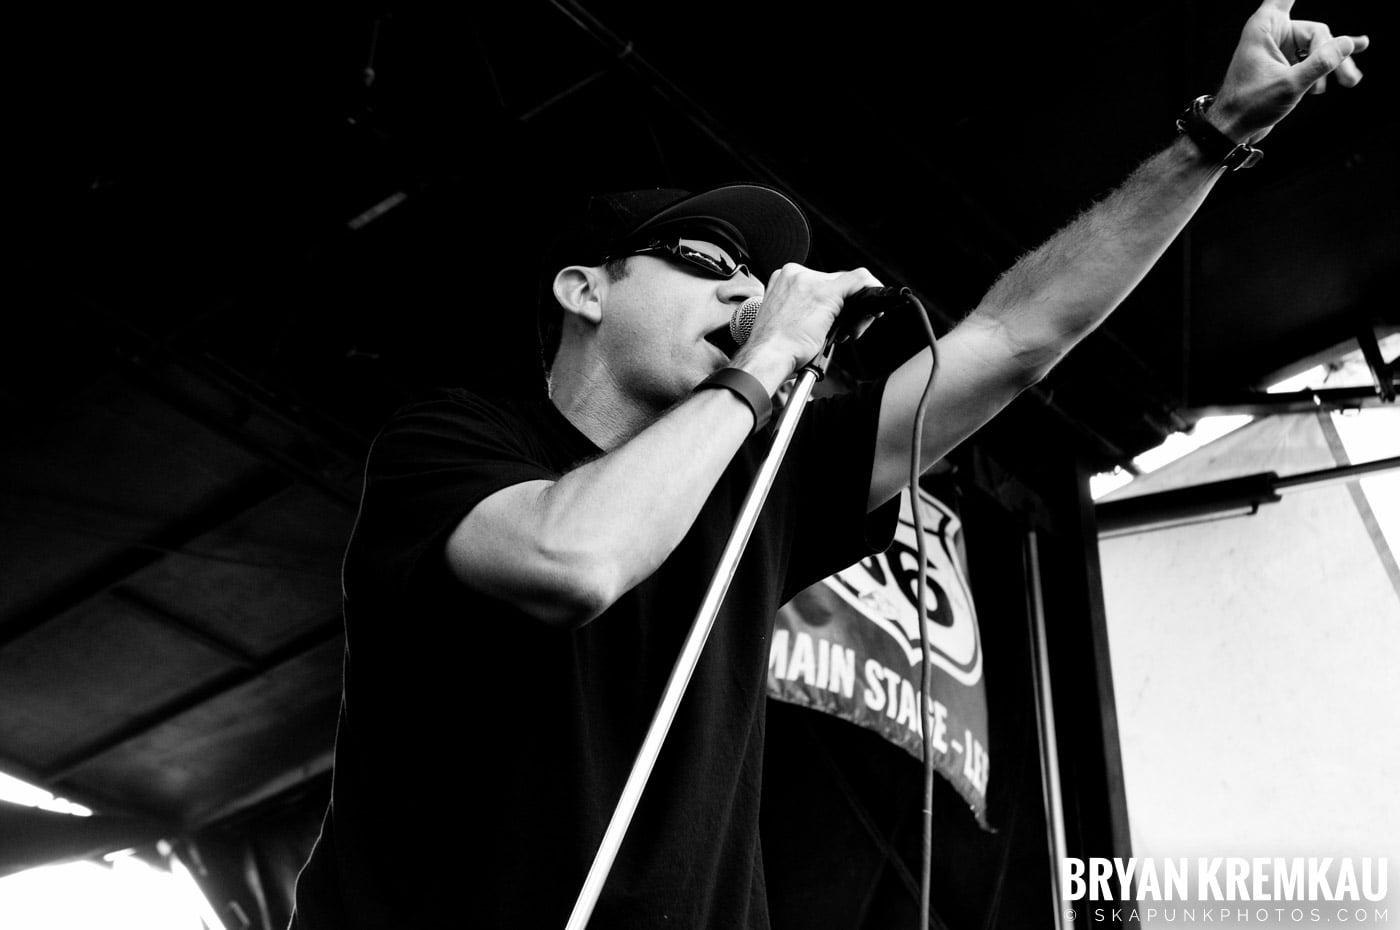 Pennywise @ Warped Tour 08, Scranton PA - 7.27.08 (14)